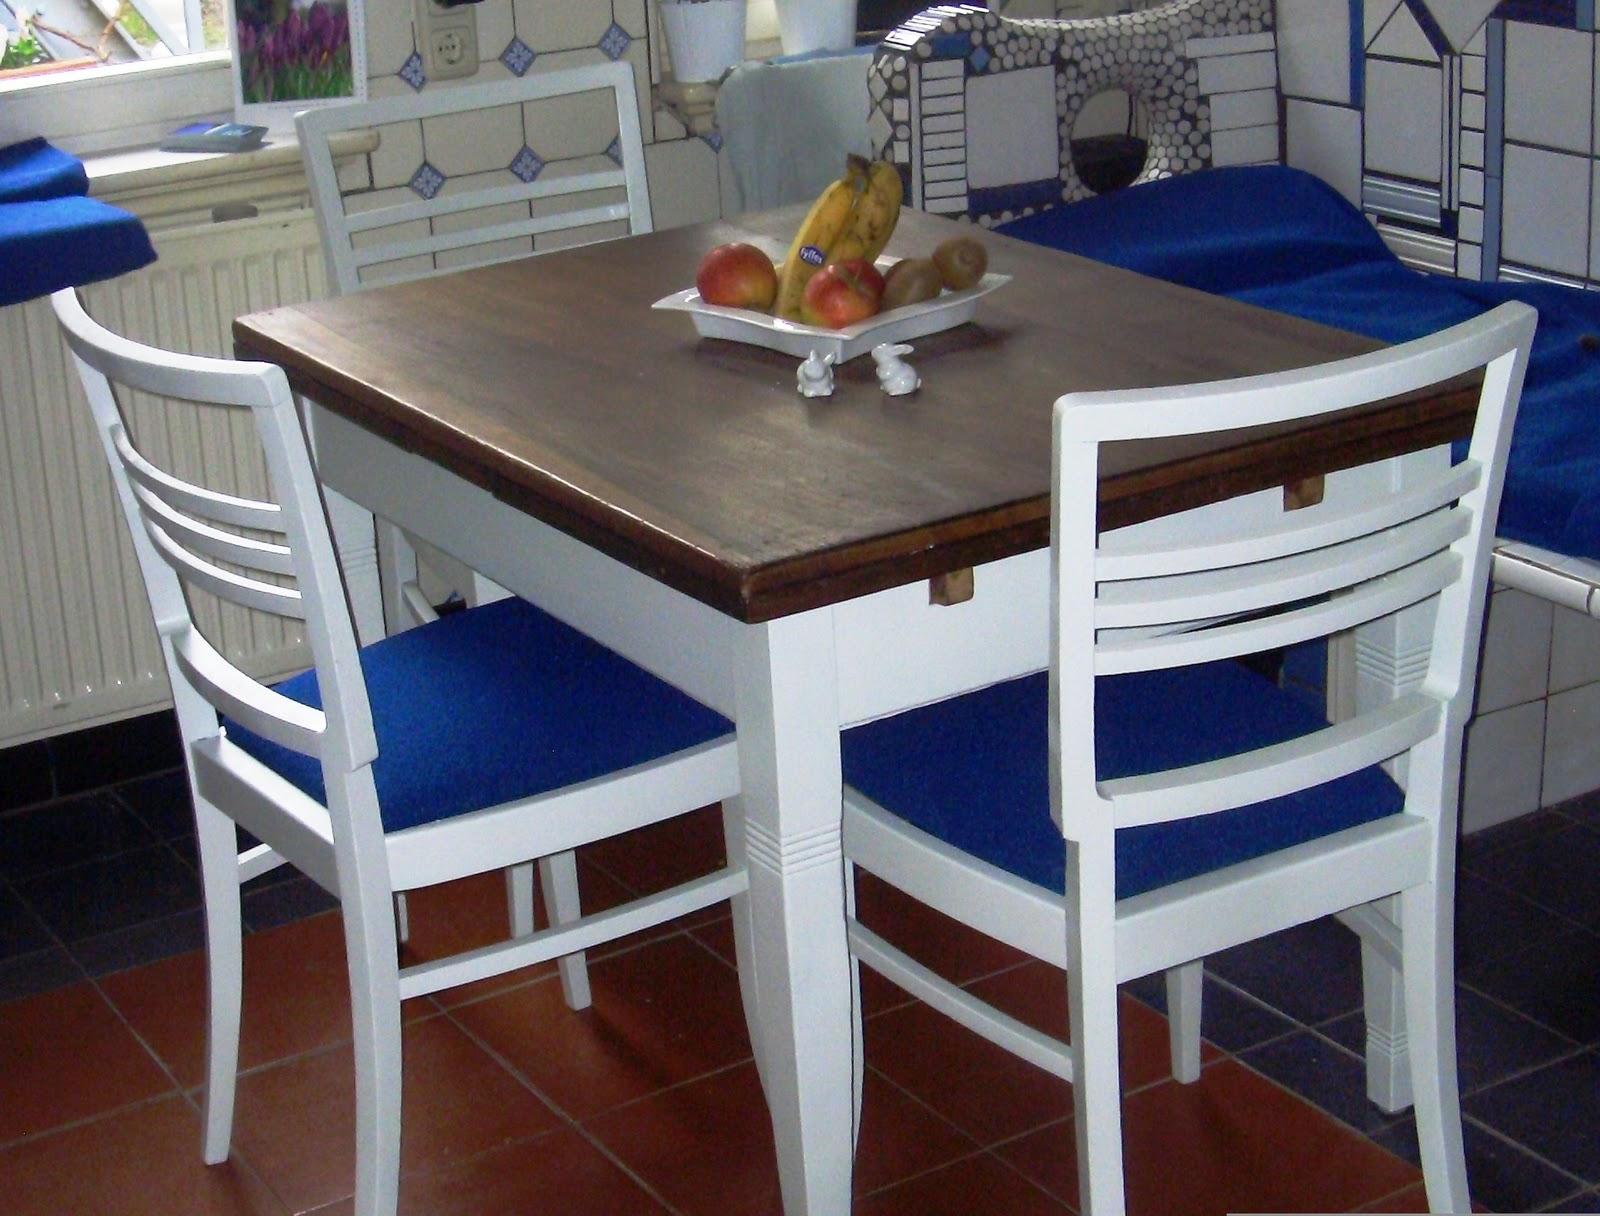 Kuchentisch Aus Paletten Tische Selber Bauen Die Besten Tipps Und